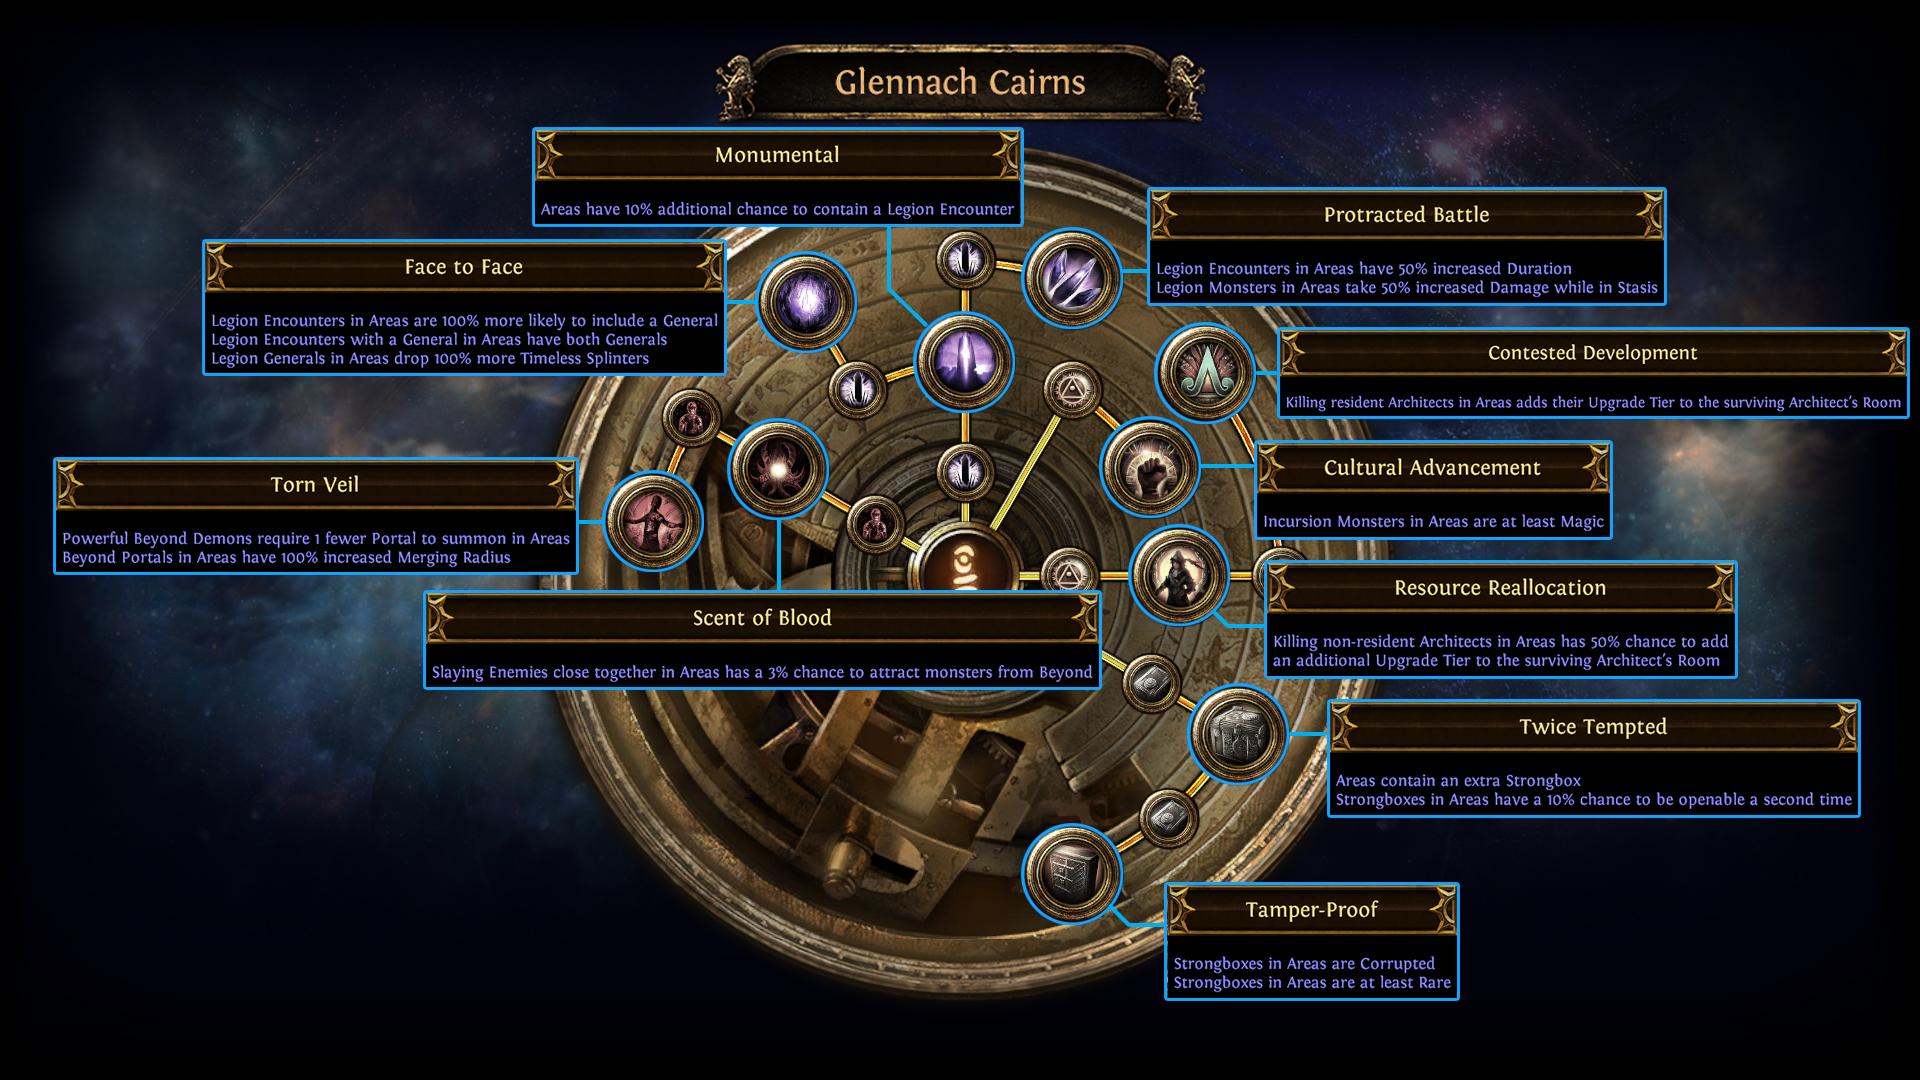 Glennach Cairns